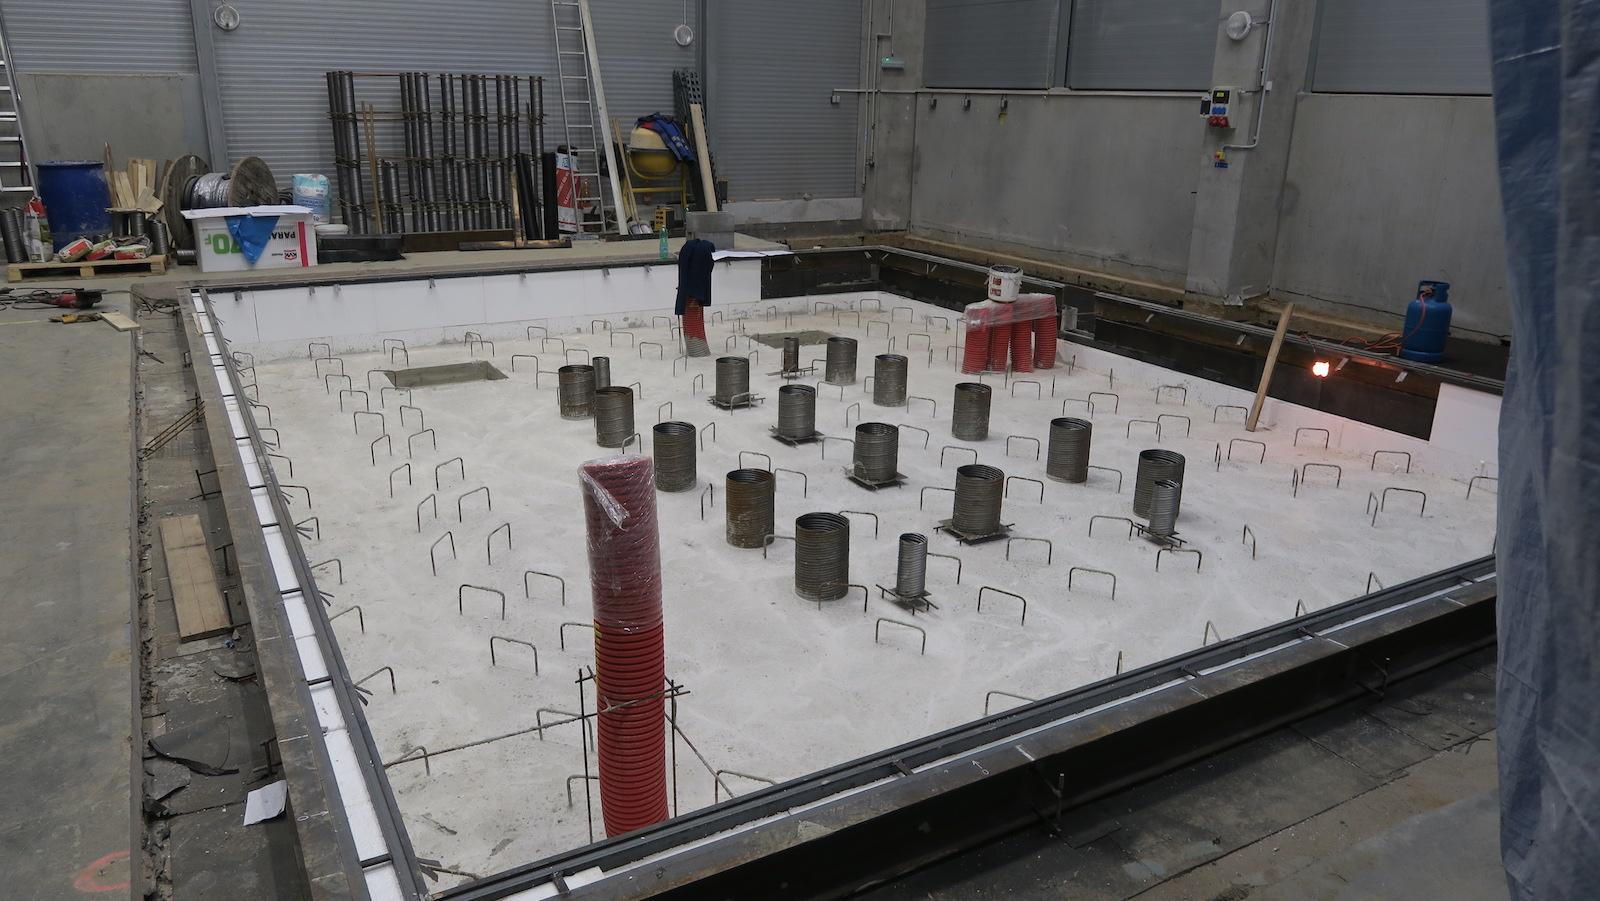 Instalace CNC obráběcího centra Trimill ve společnosti Altran: základy